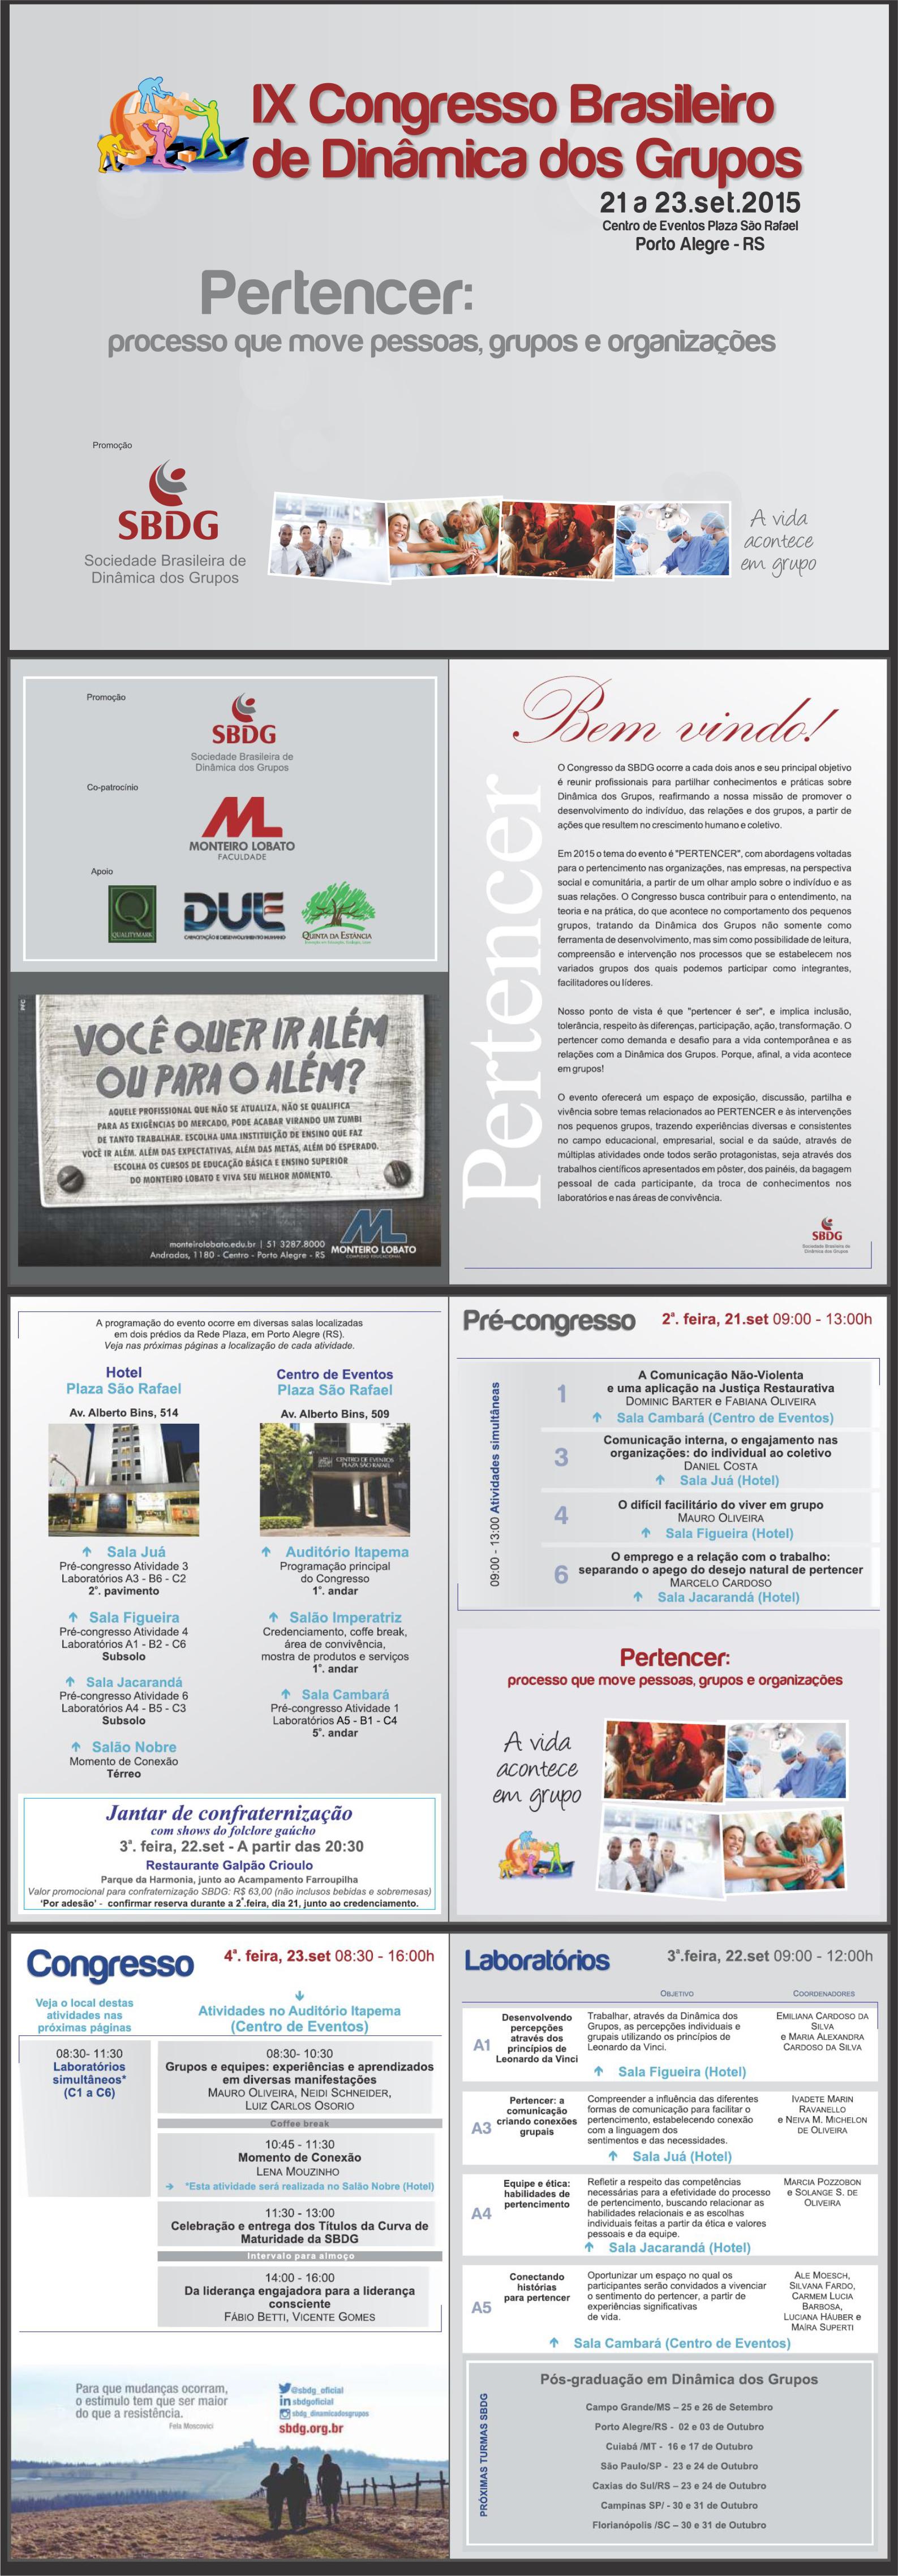 Revista-programa de evento, projeto gráfico e edição, 2015.